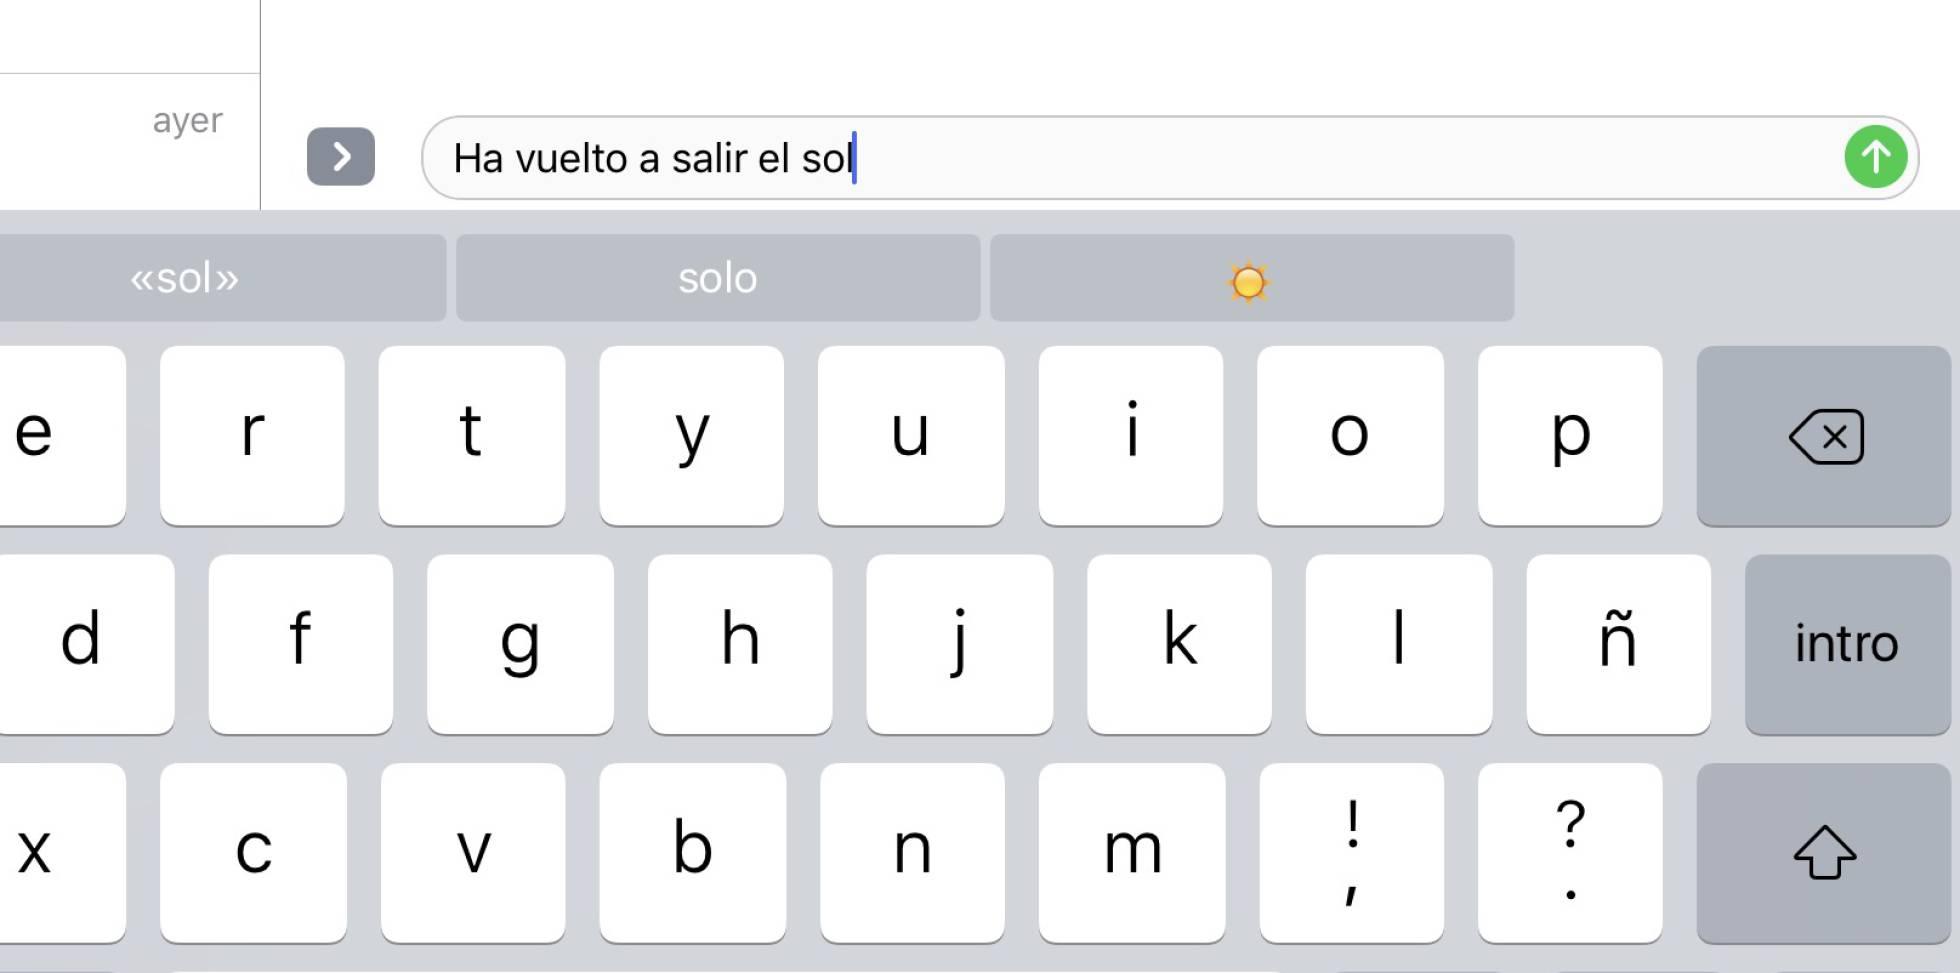 Ejemplo de chat en iOS 10. / elpais.com